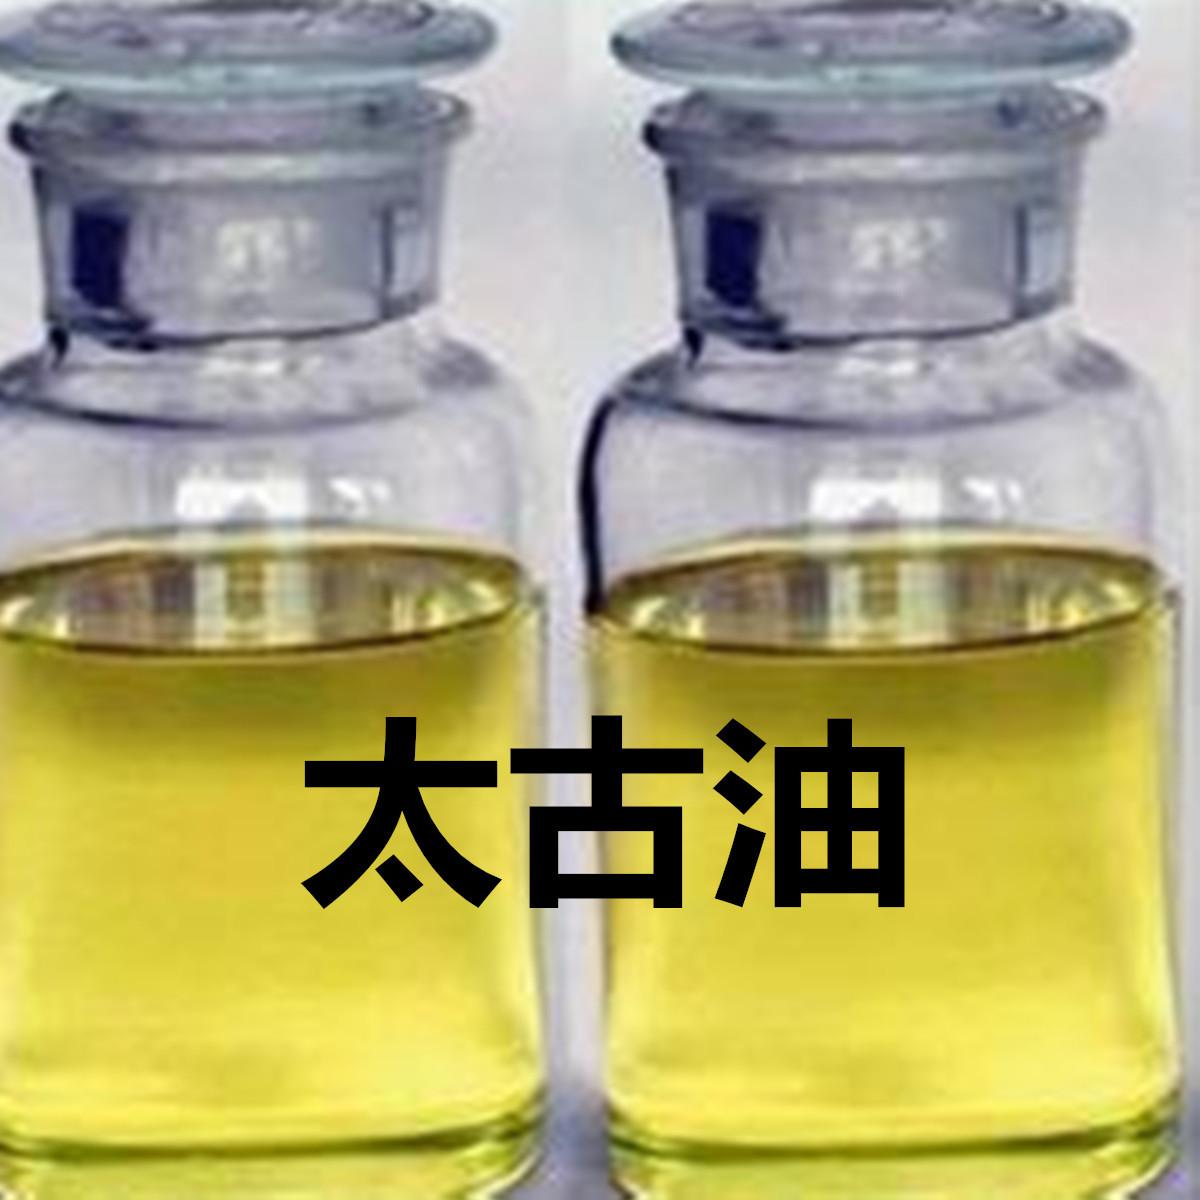 厂家直销工业级优质太古油含量40-70 土耳其红油蓖麻油